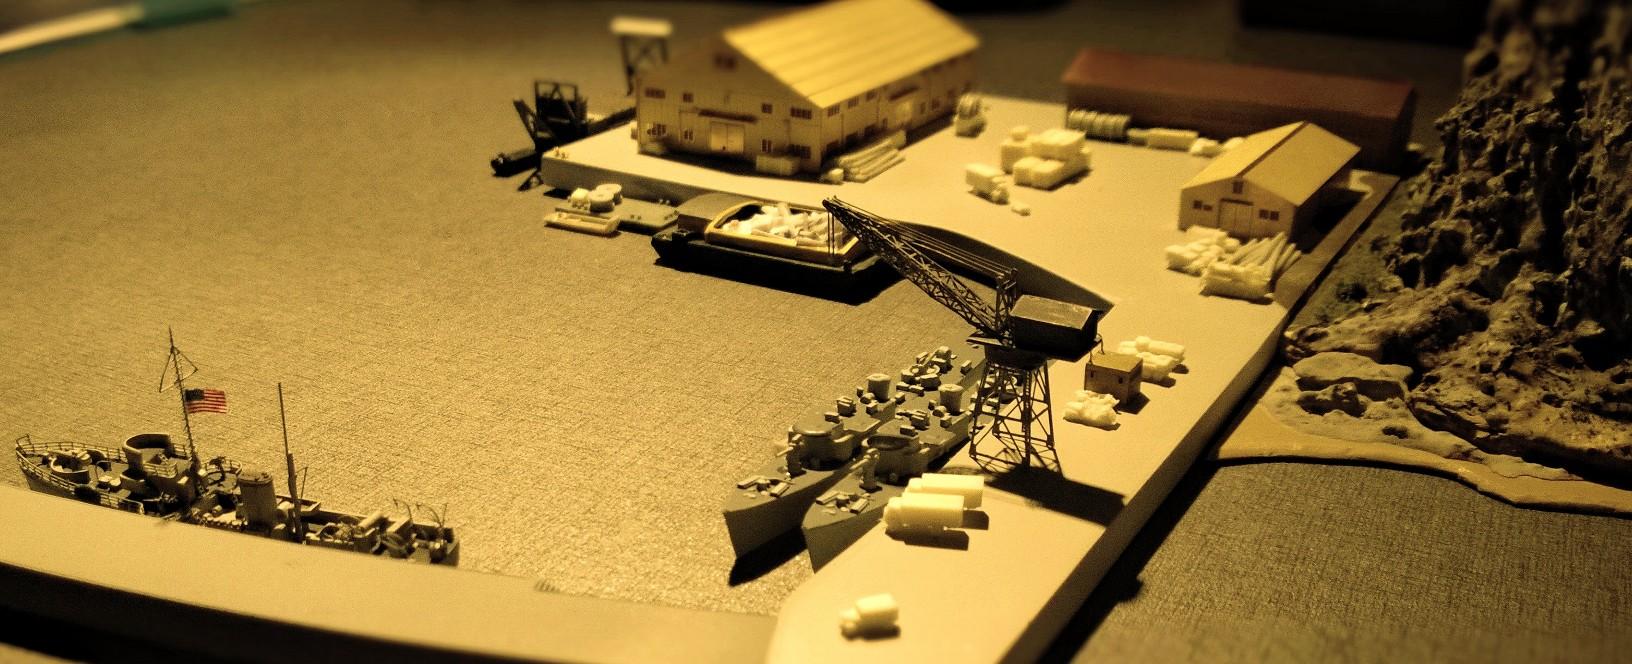 Diorama base navale 1/700 par Nesquik - Page 3 149vl6